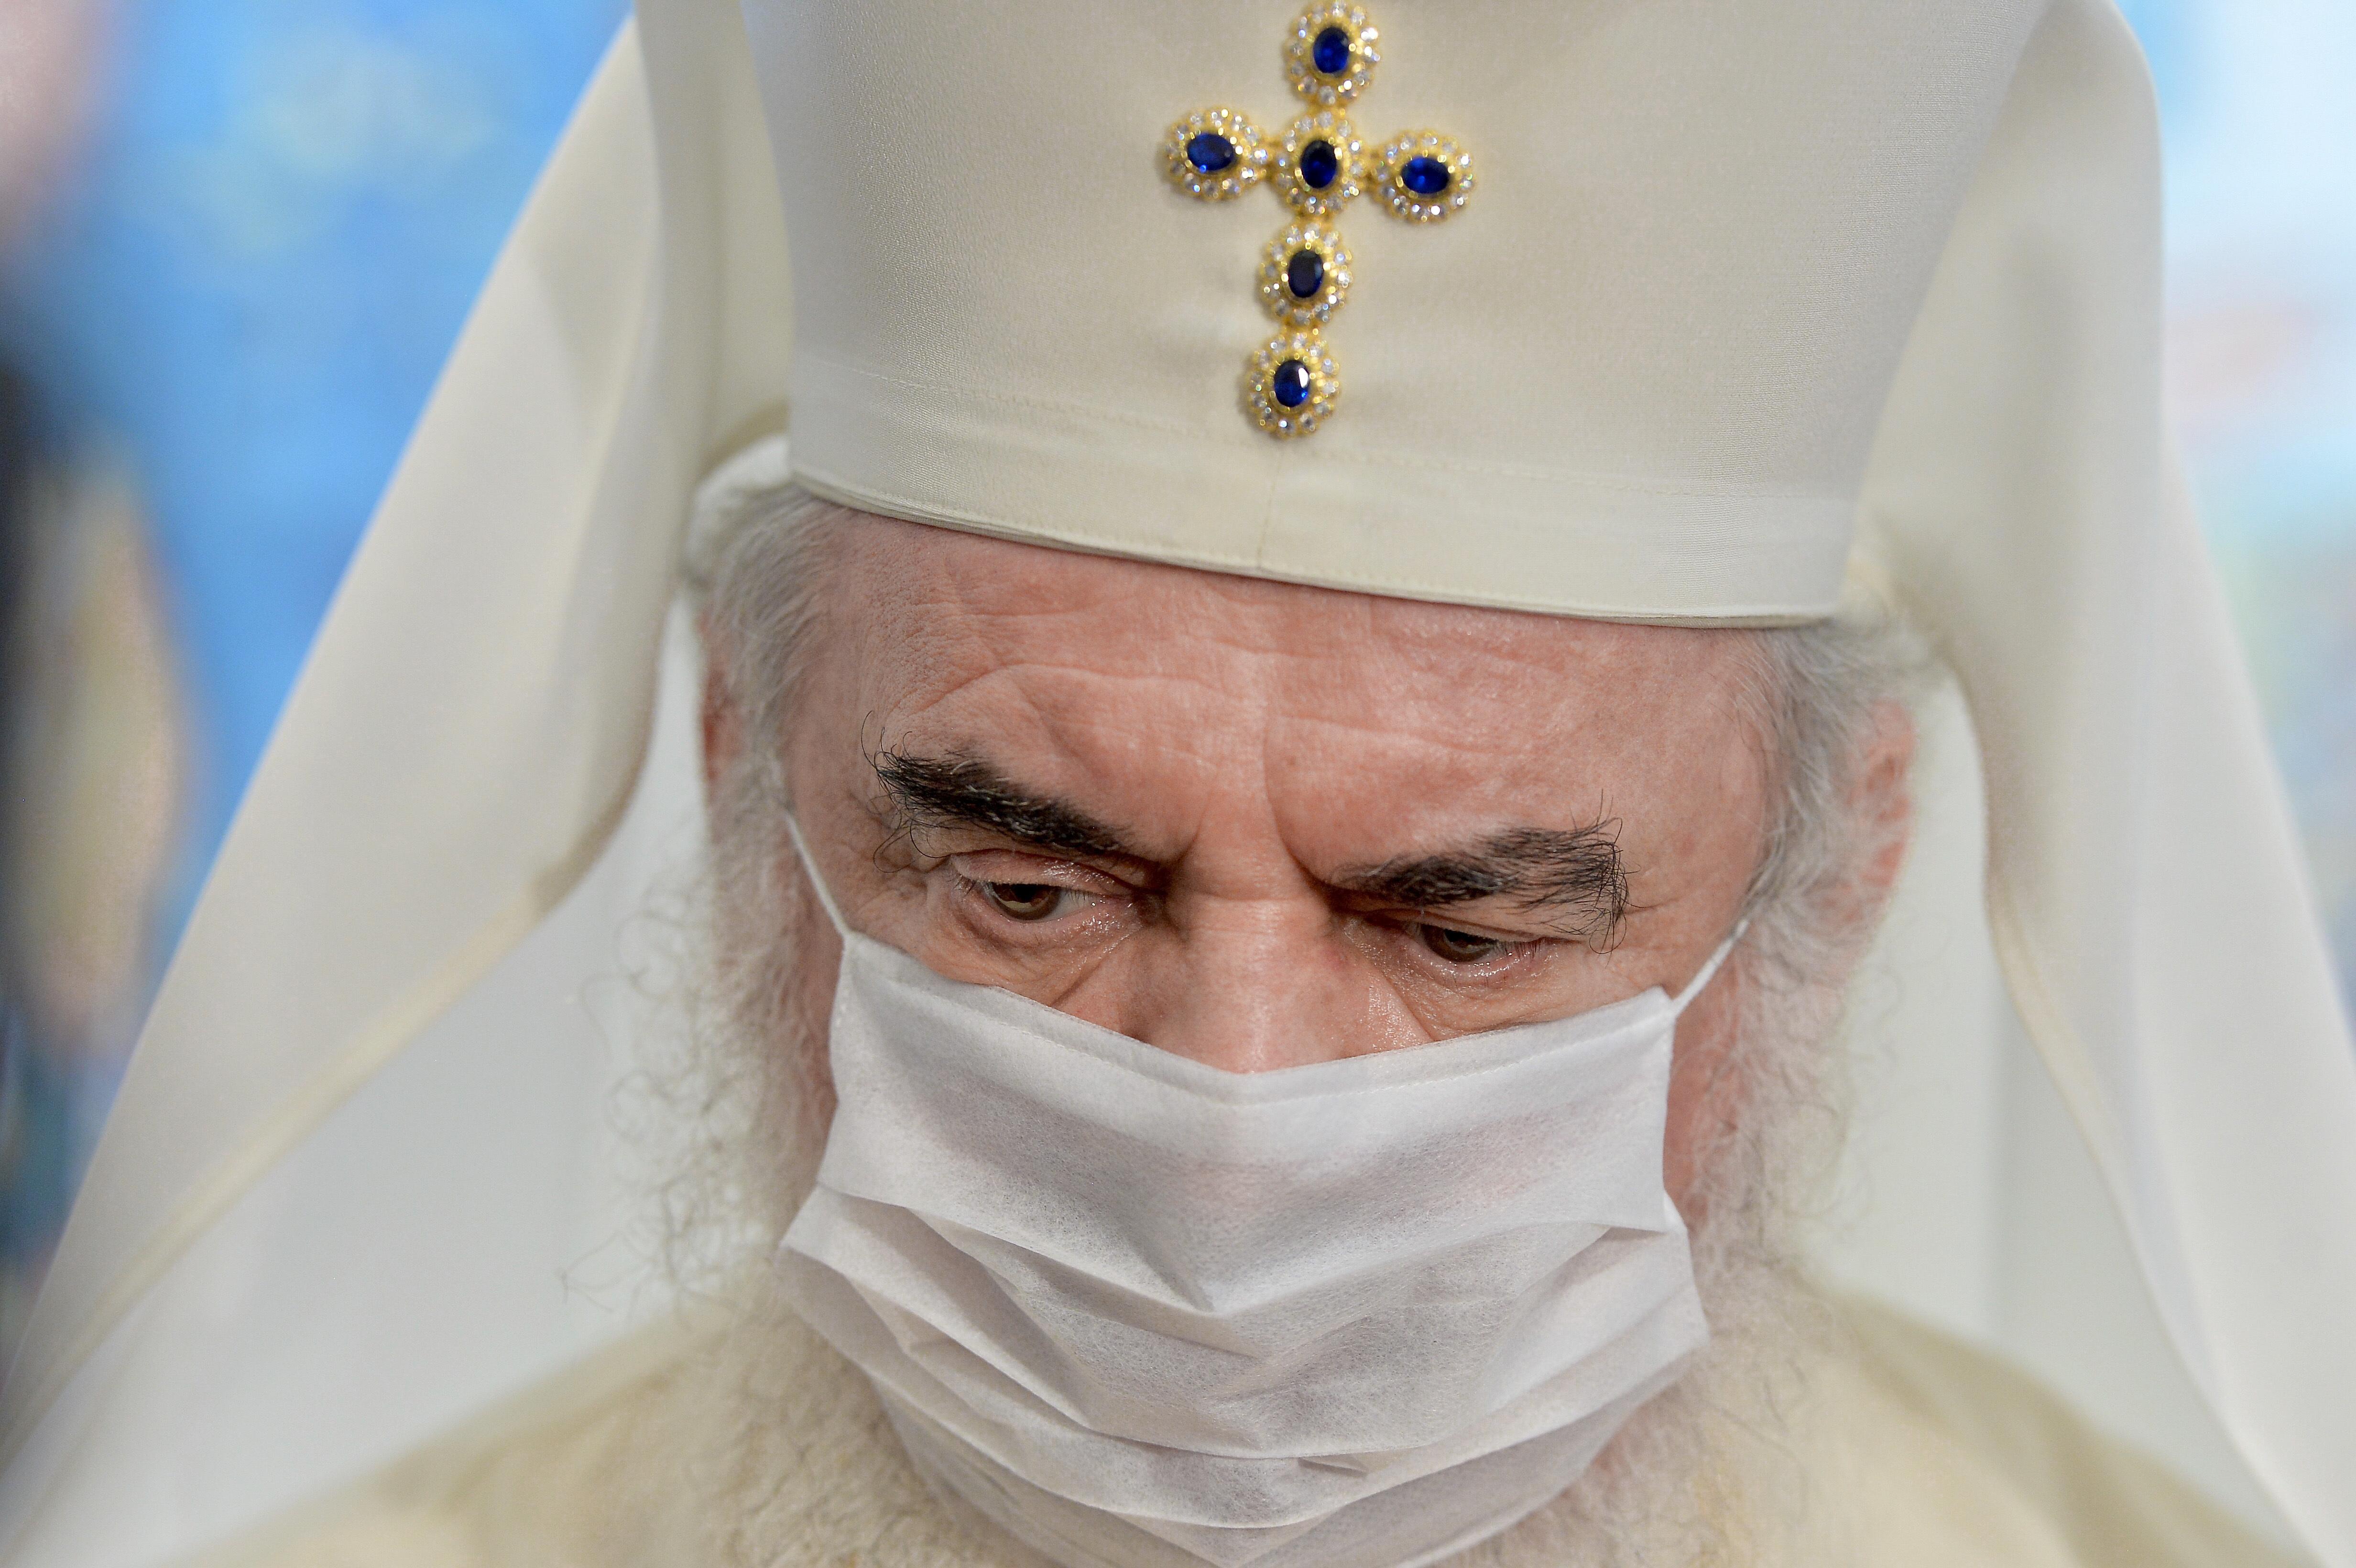 S-a vaccinat Patriarhul Bisericii Ortodoxe Române? Răspunsul lui Vasile Bănescu